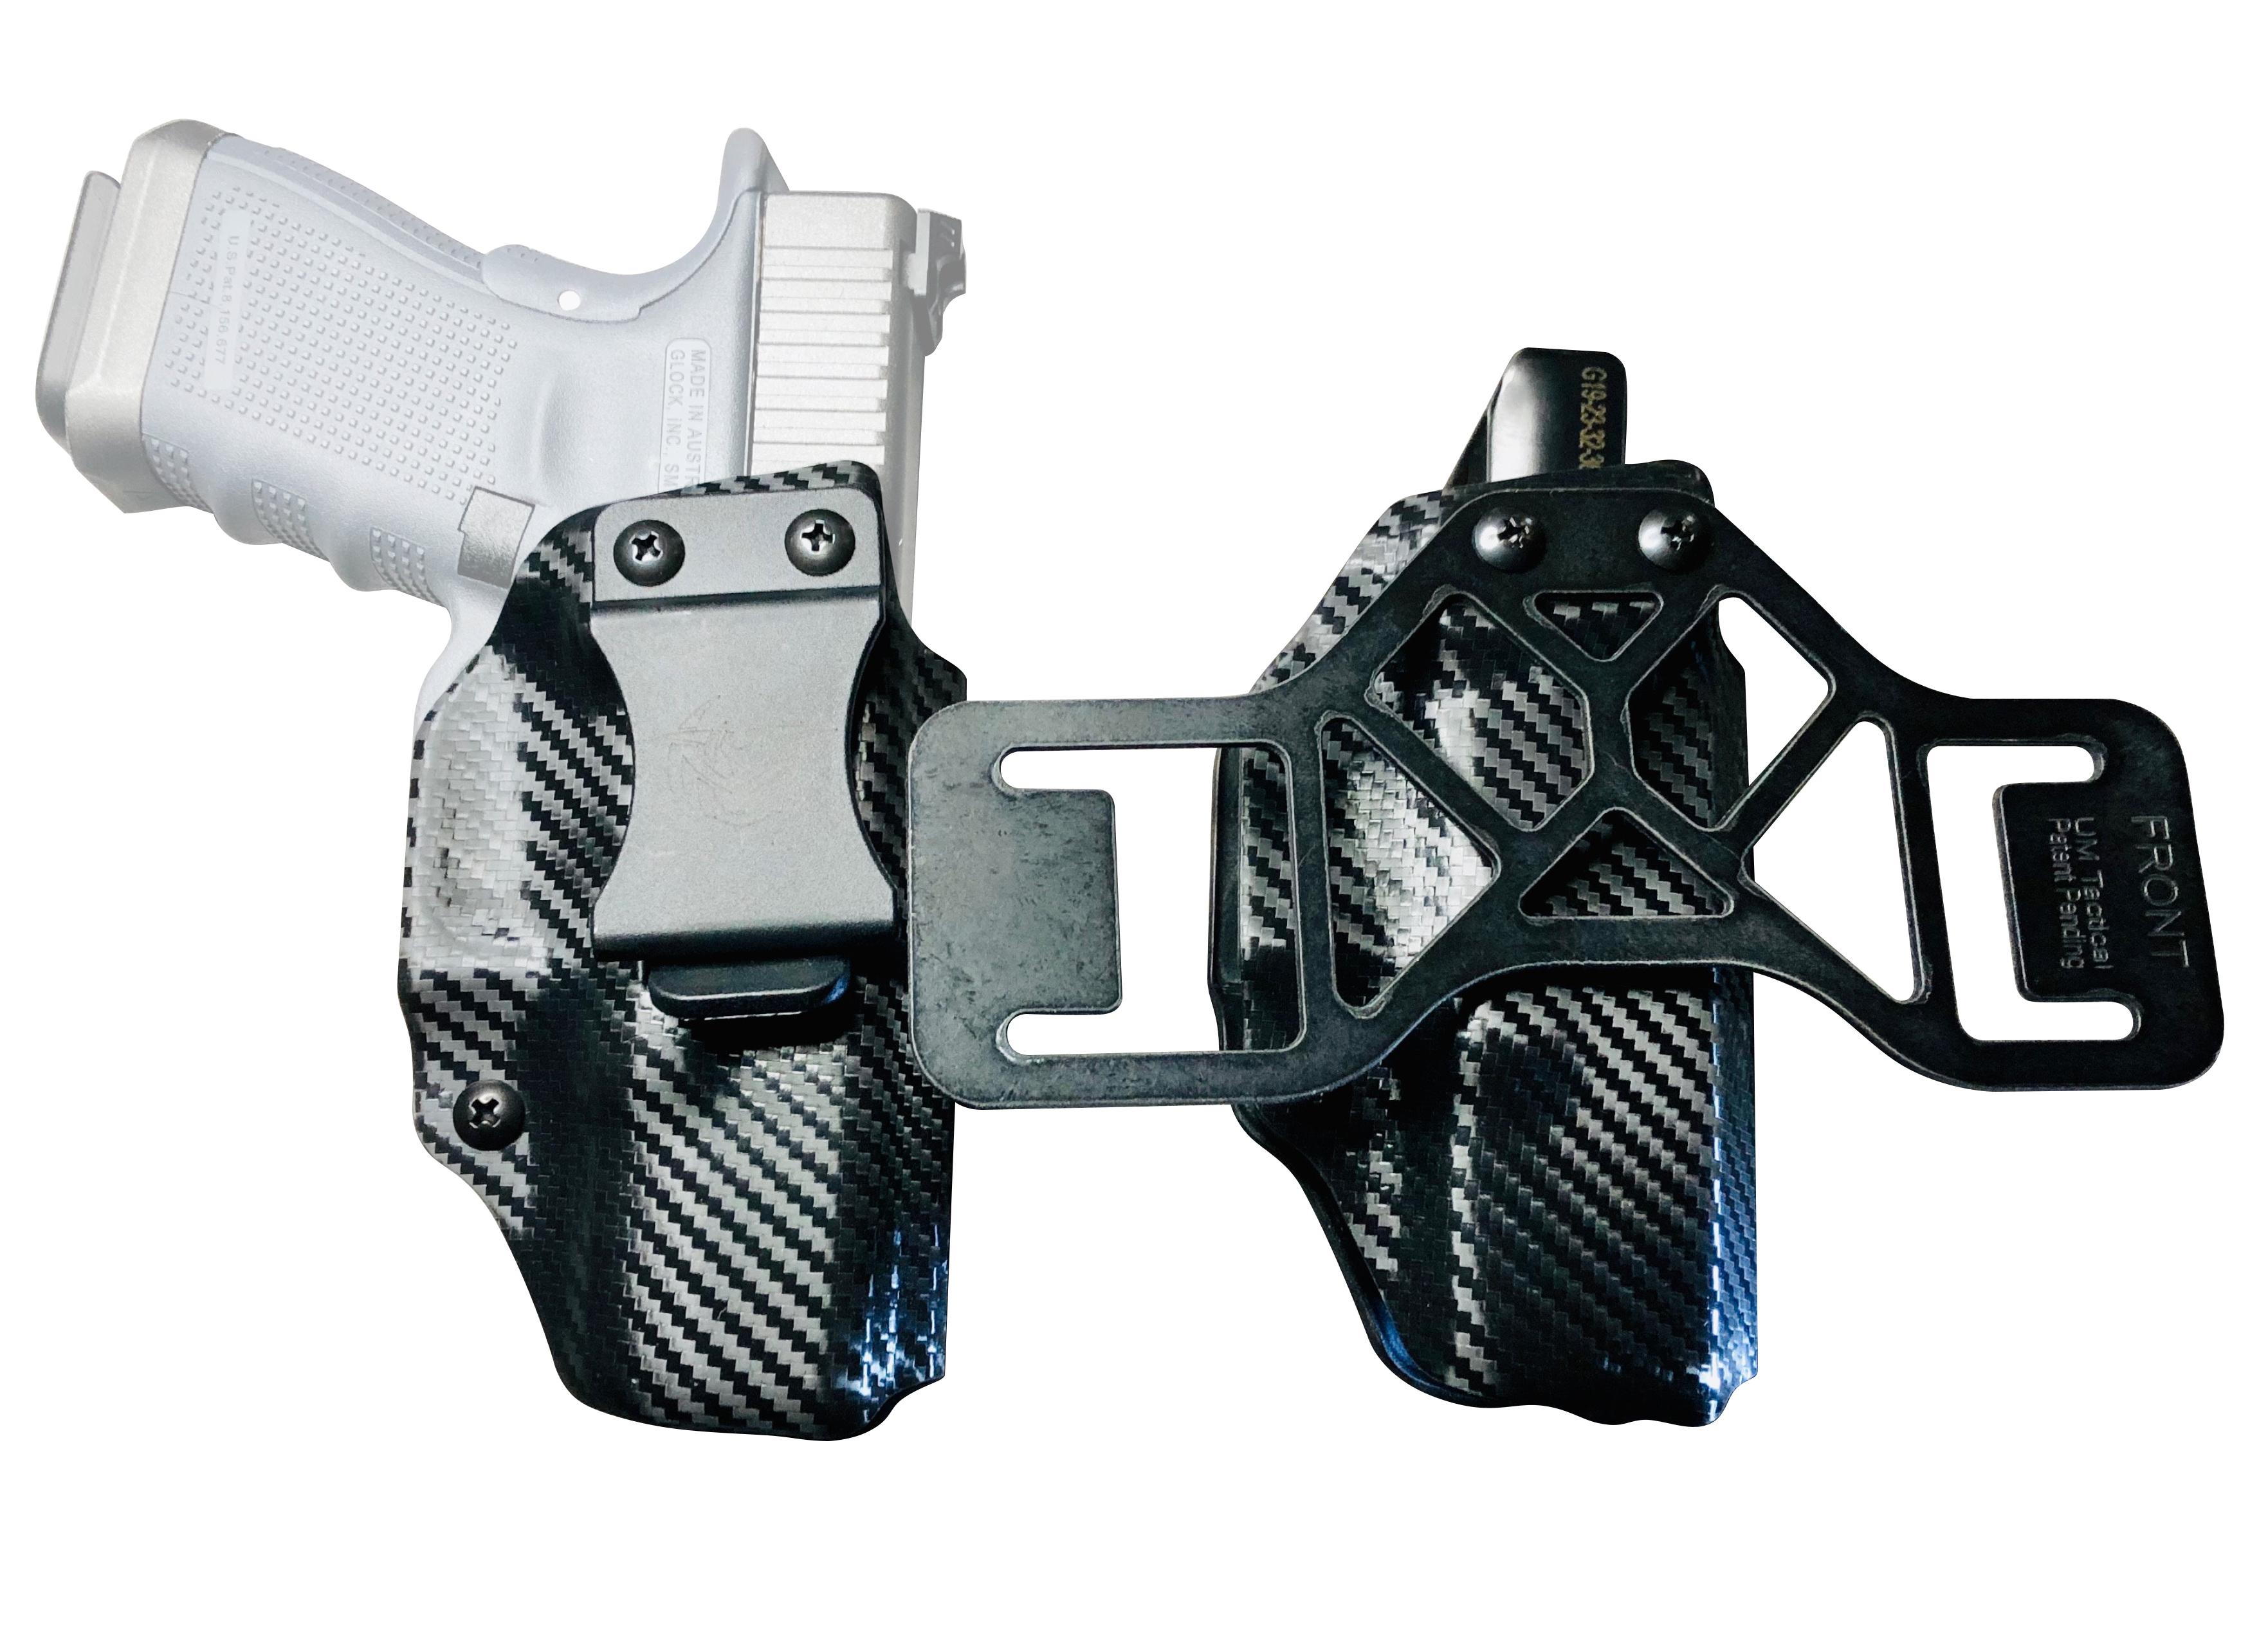 BLACK CARBON FIBER OWB Kydex Light Bearing Holster for TLR-4-50 Gun Models